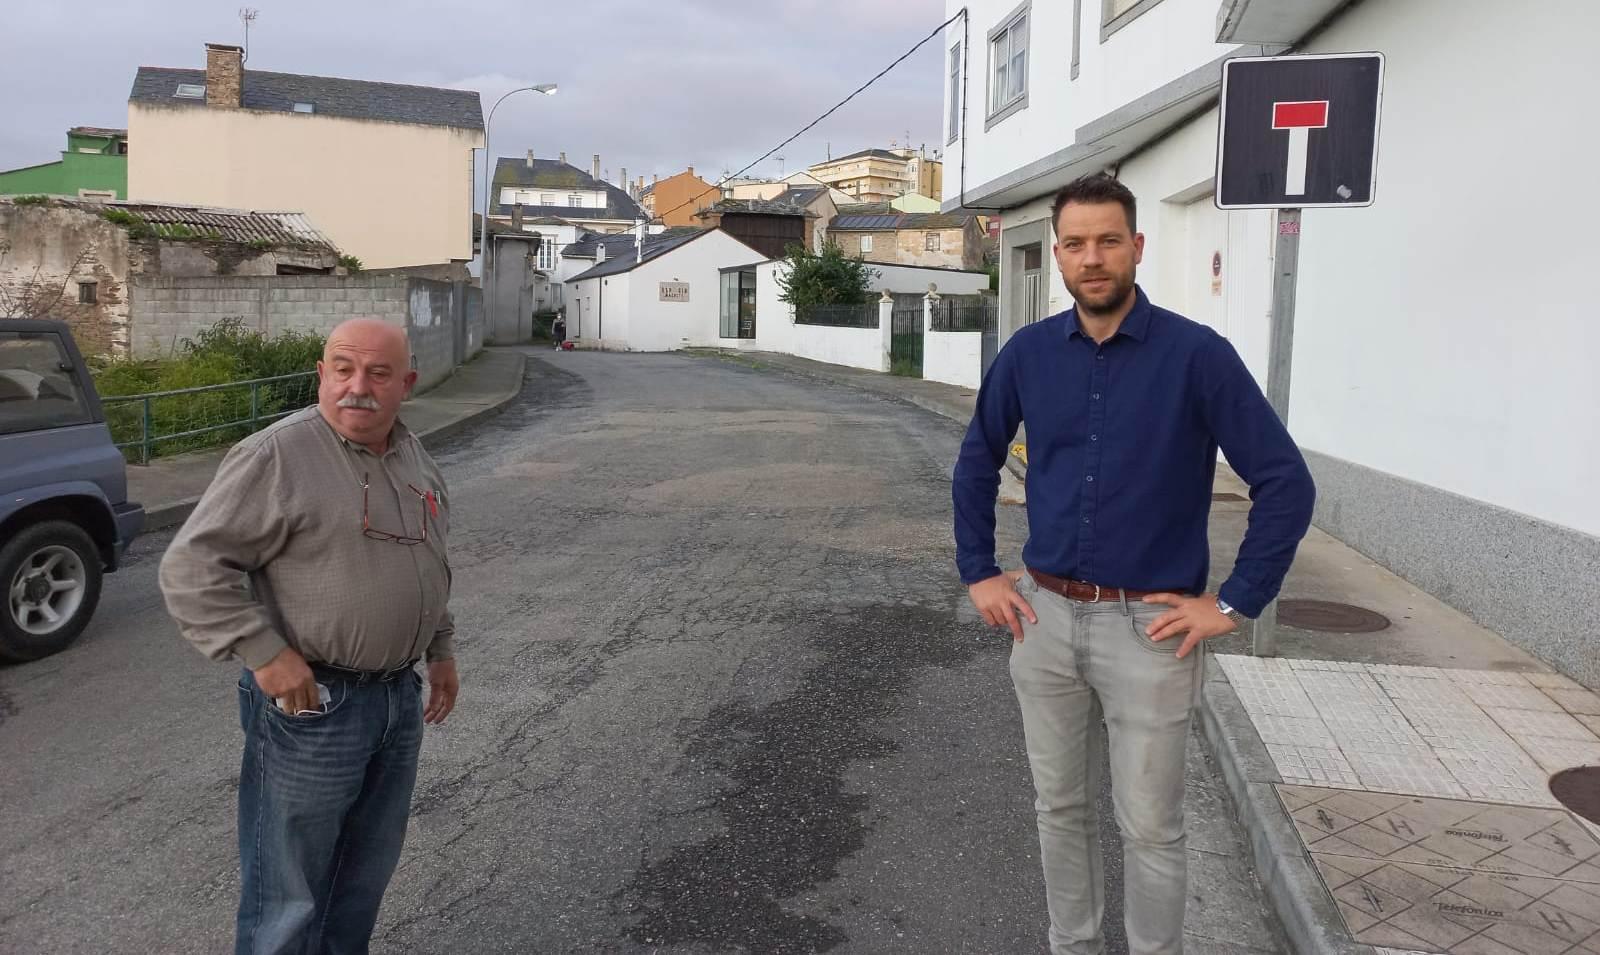 O Concello de Foz adxudica a reforma das rúas Limoeiros, na que haberá cambios no tráfico, e Calvario